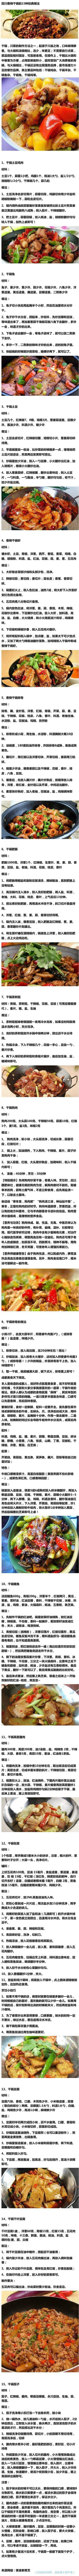 吃貨帖:四川香辣干鍋的15種經典做法!必須來一發! | Giga Circle